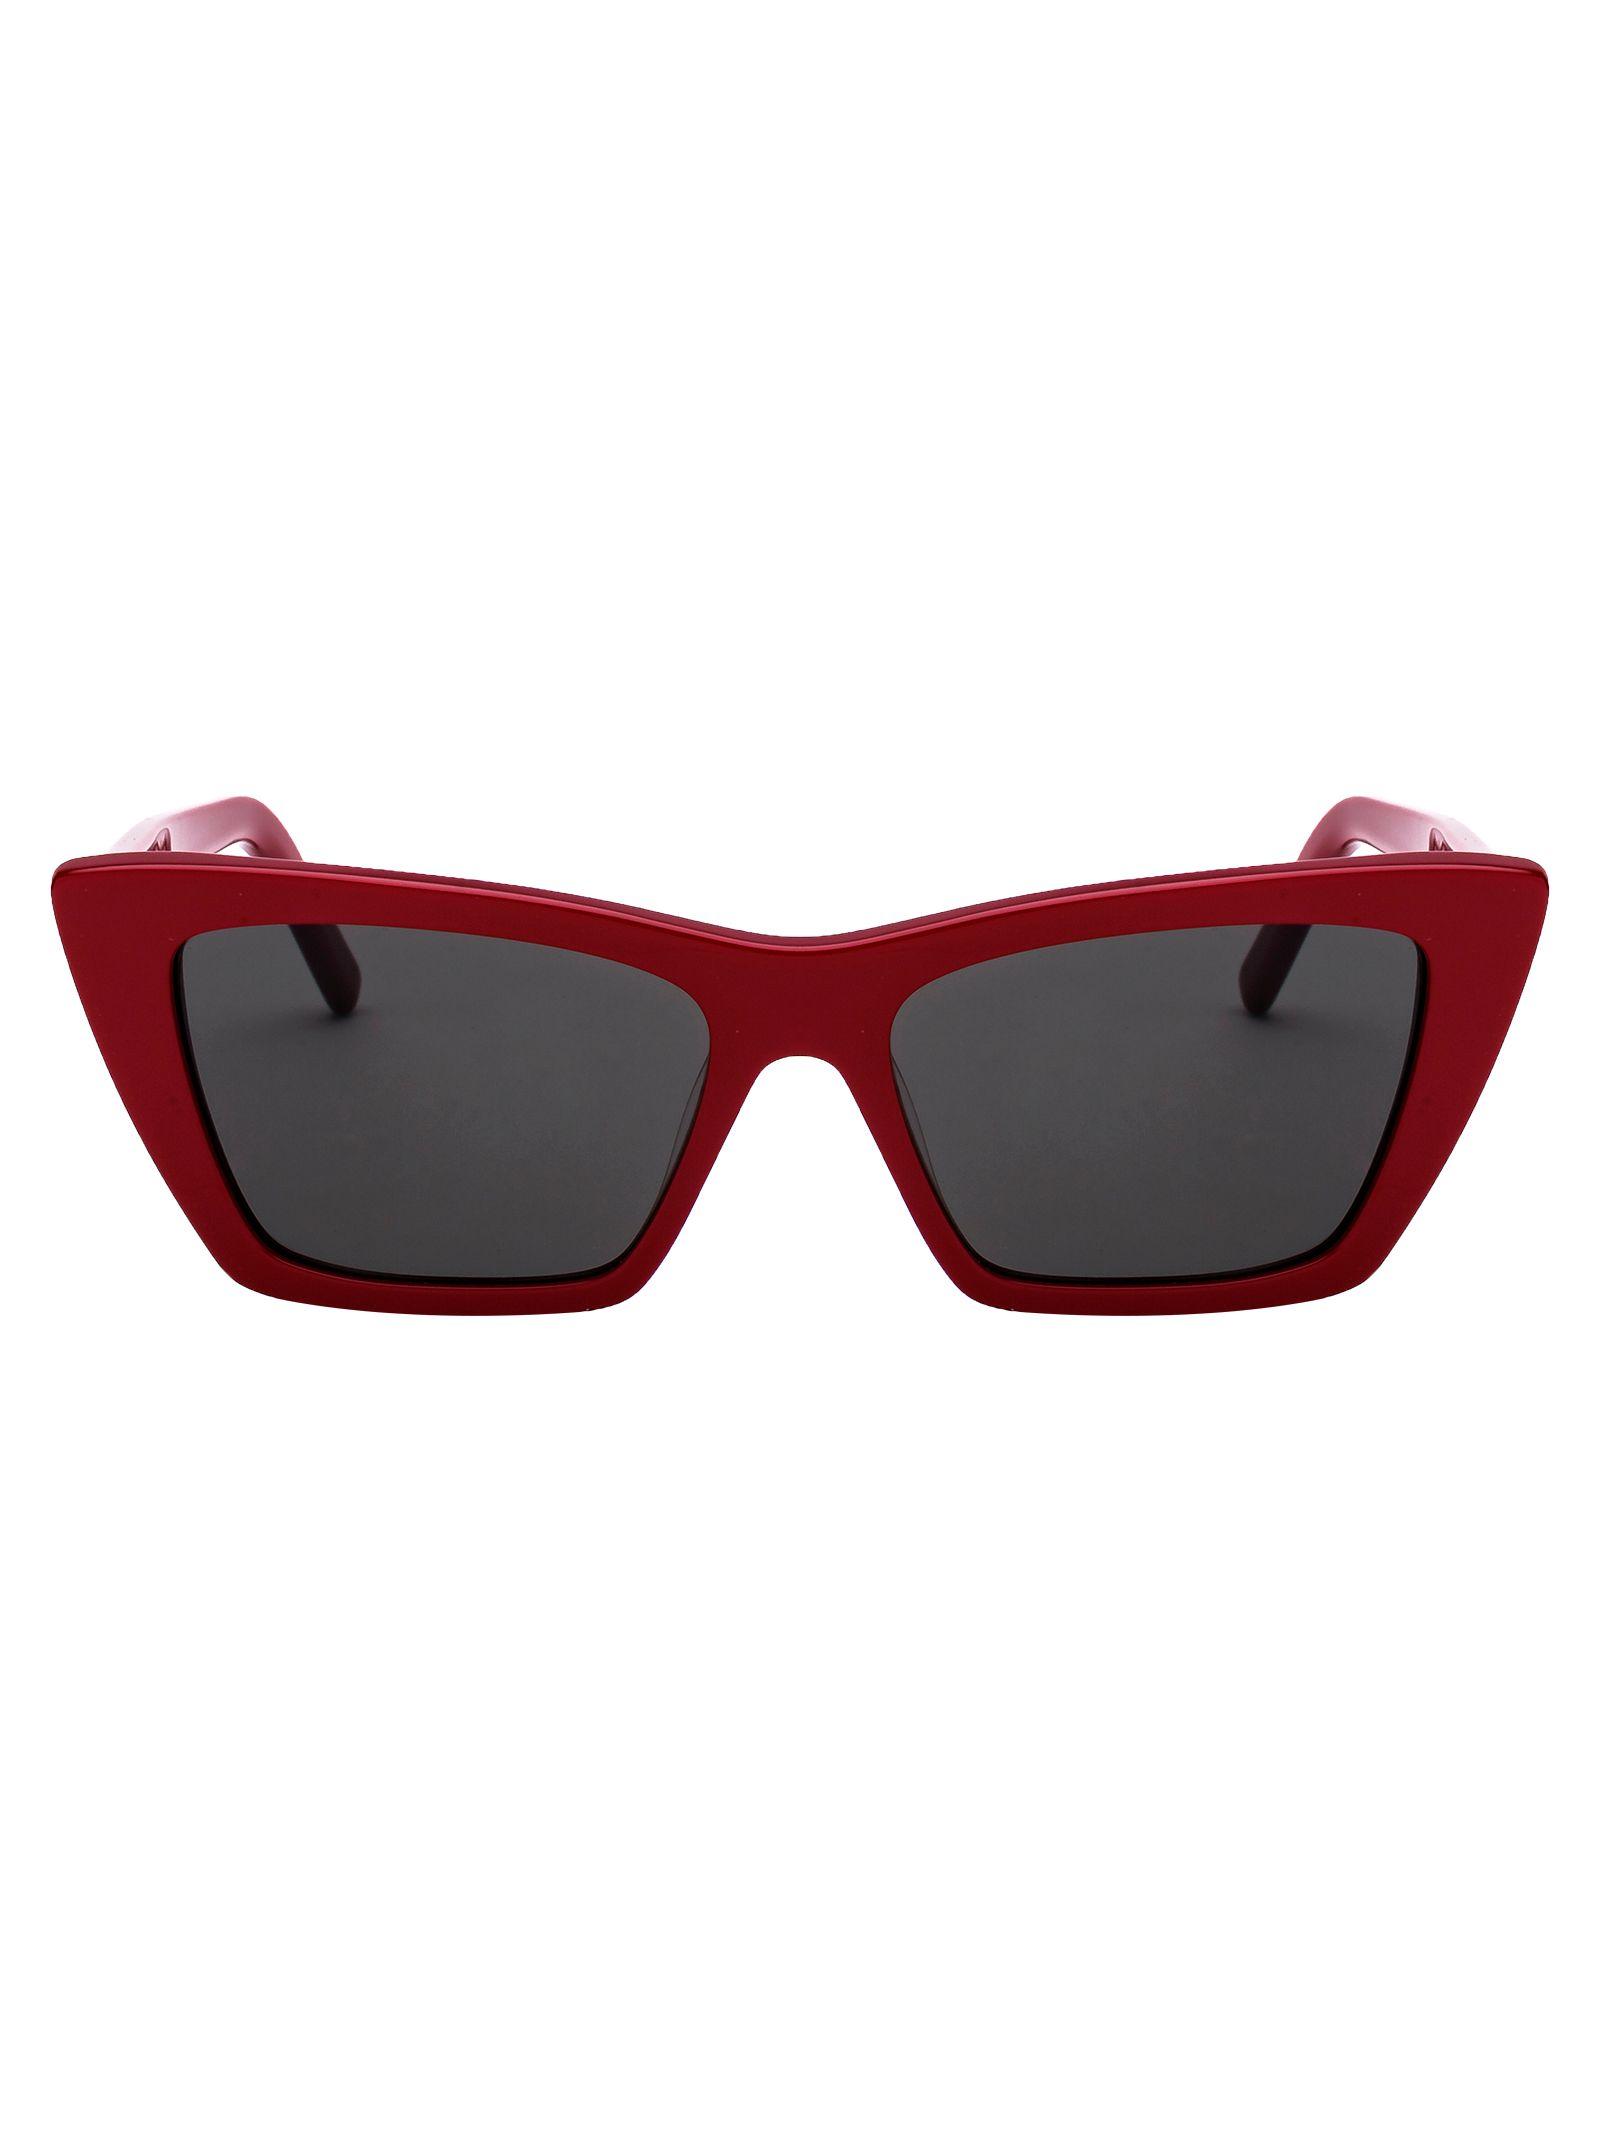 Saint Laurent Women's Red Acetate Sunglasses